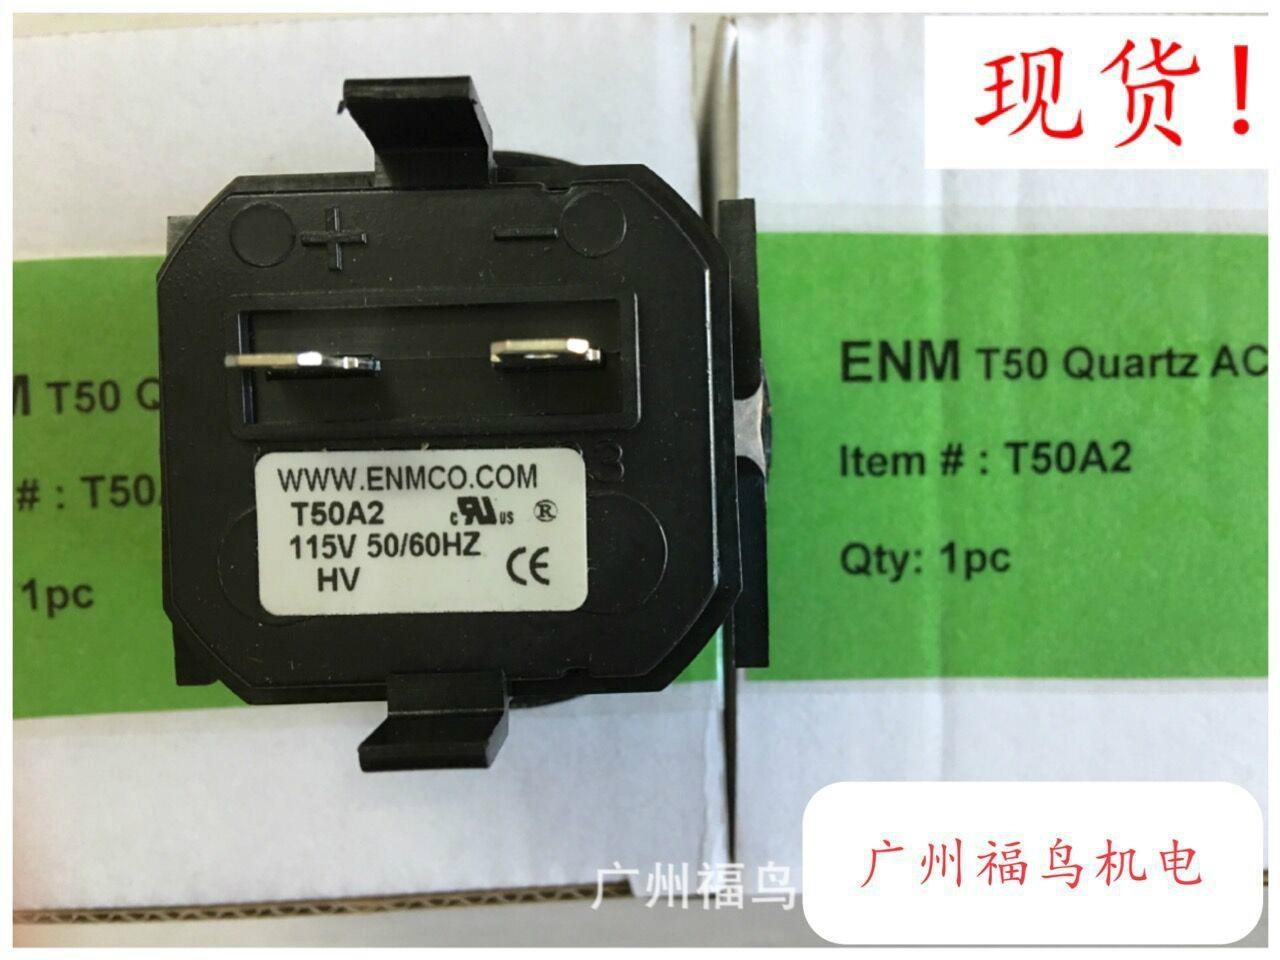 ENM計時器, 型號: T50A2